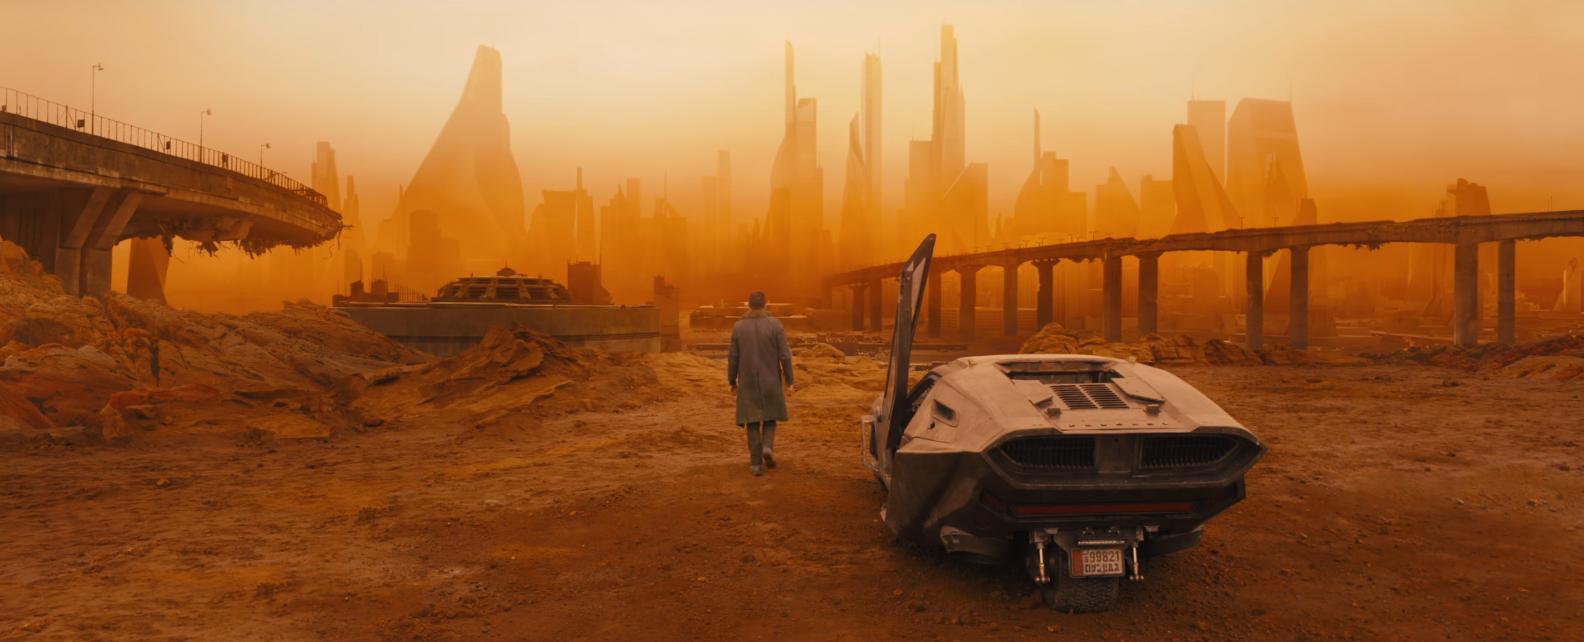 Cena de trailer de Blade Runner 2049 (Foto: Reprodução/Youtube)